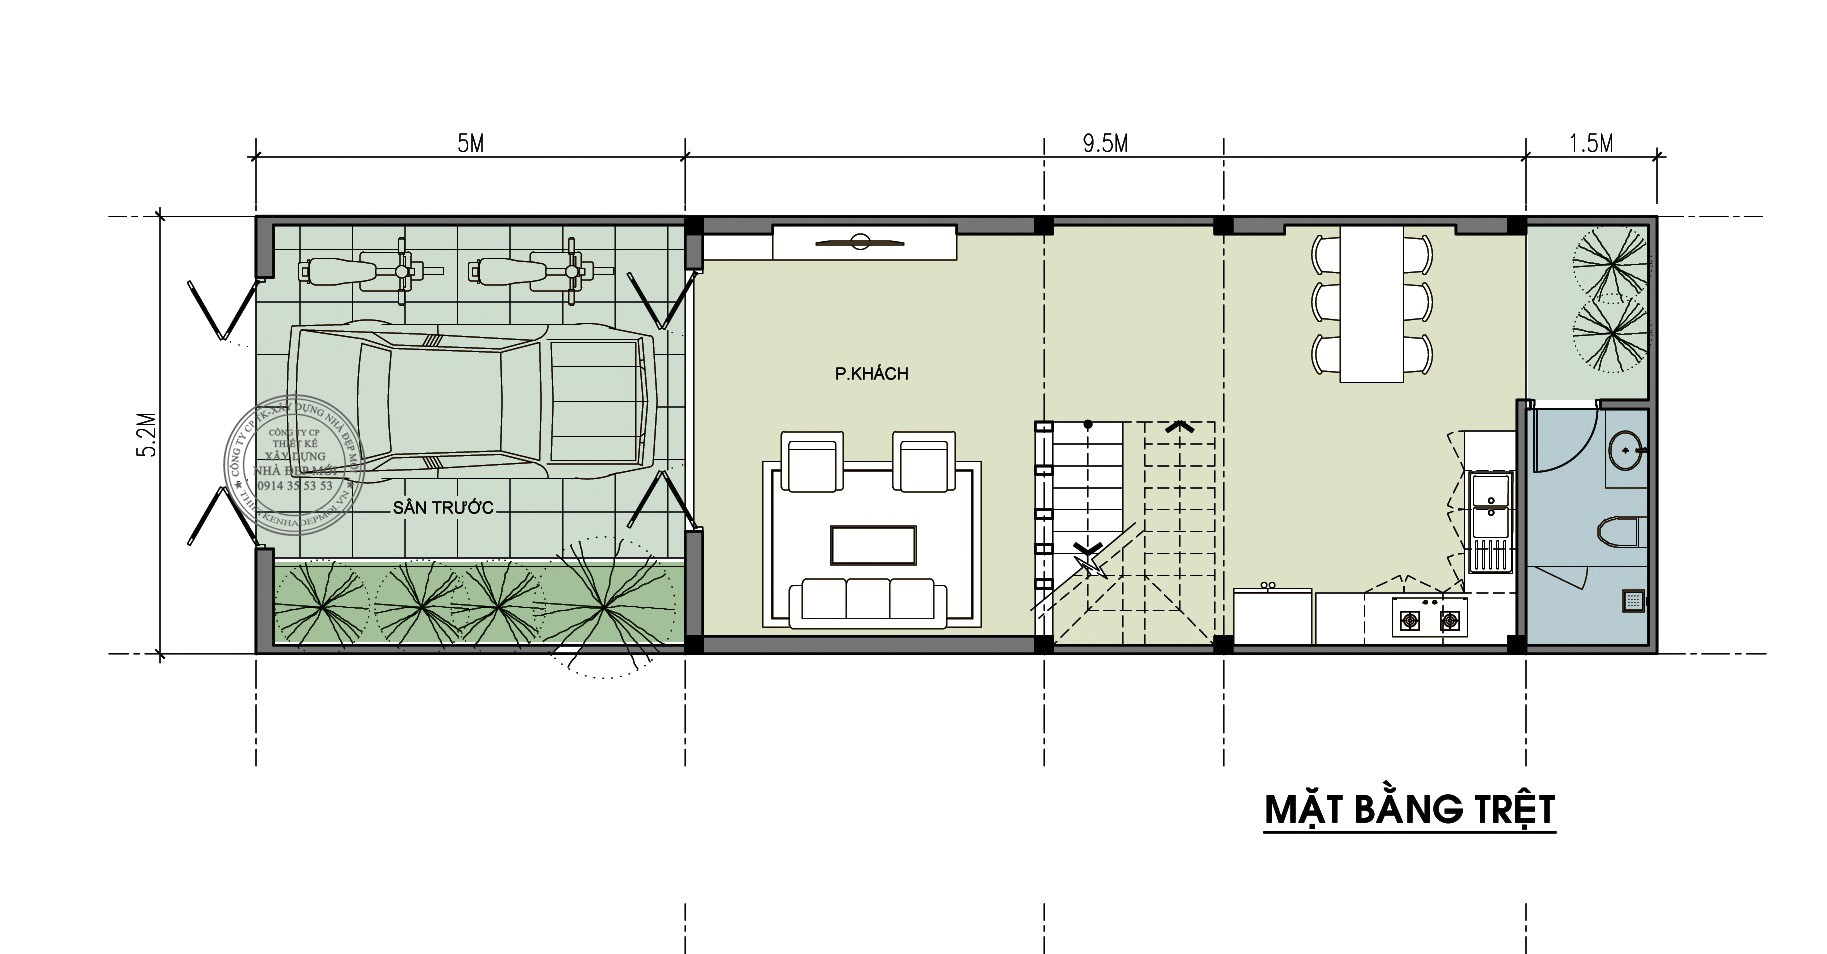 Mẫu nhà phố 1 trệt 2 lầu 1 sân thượng-2